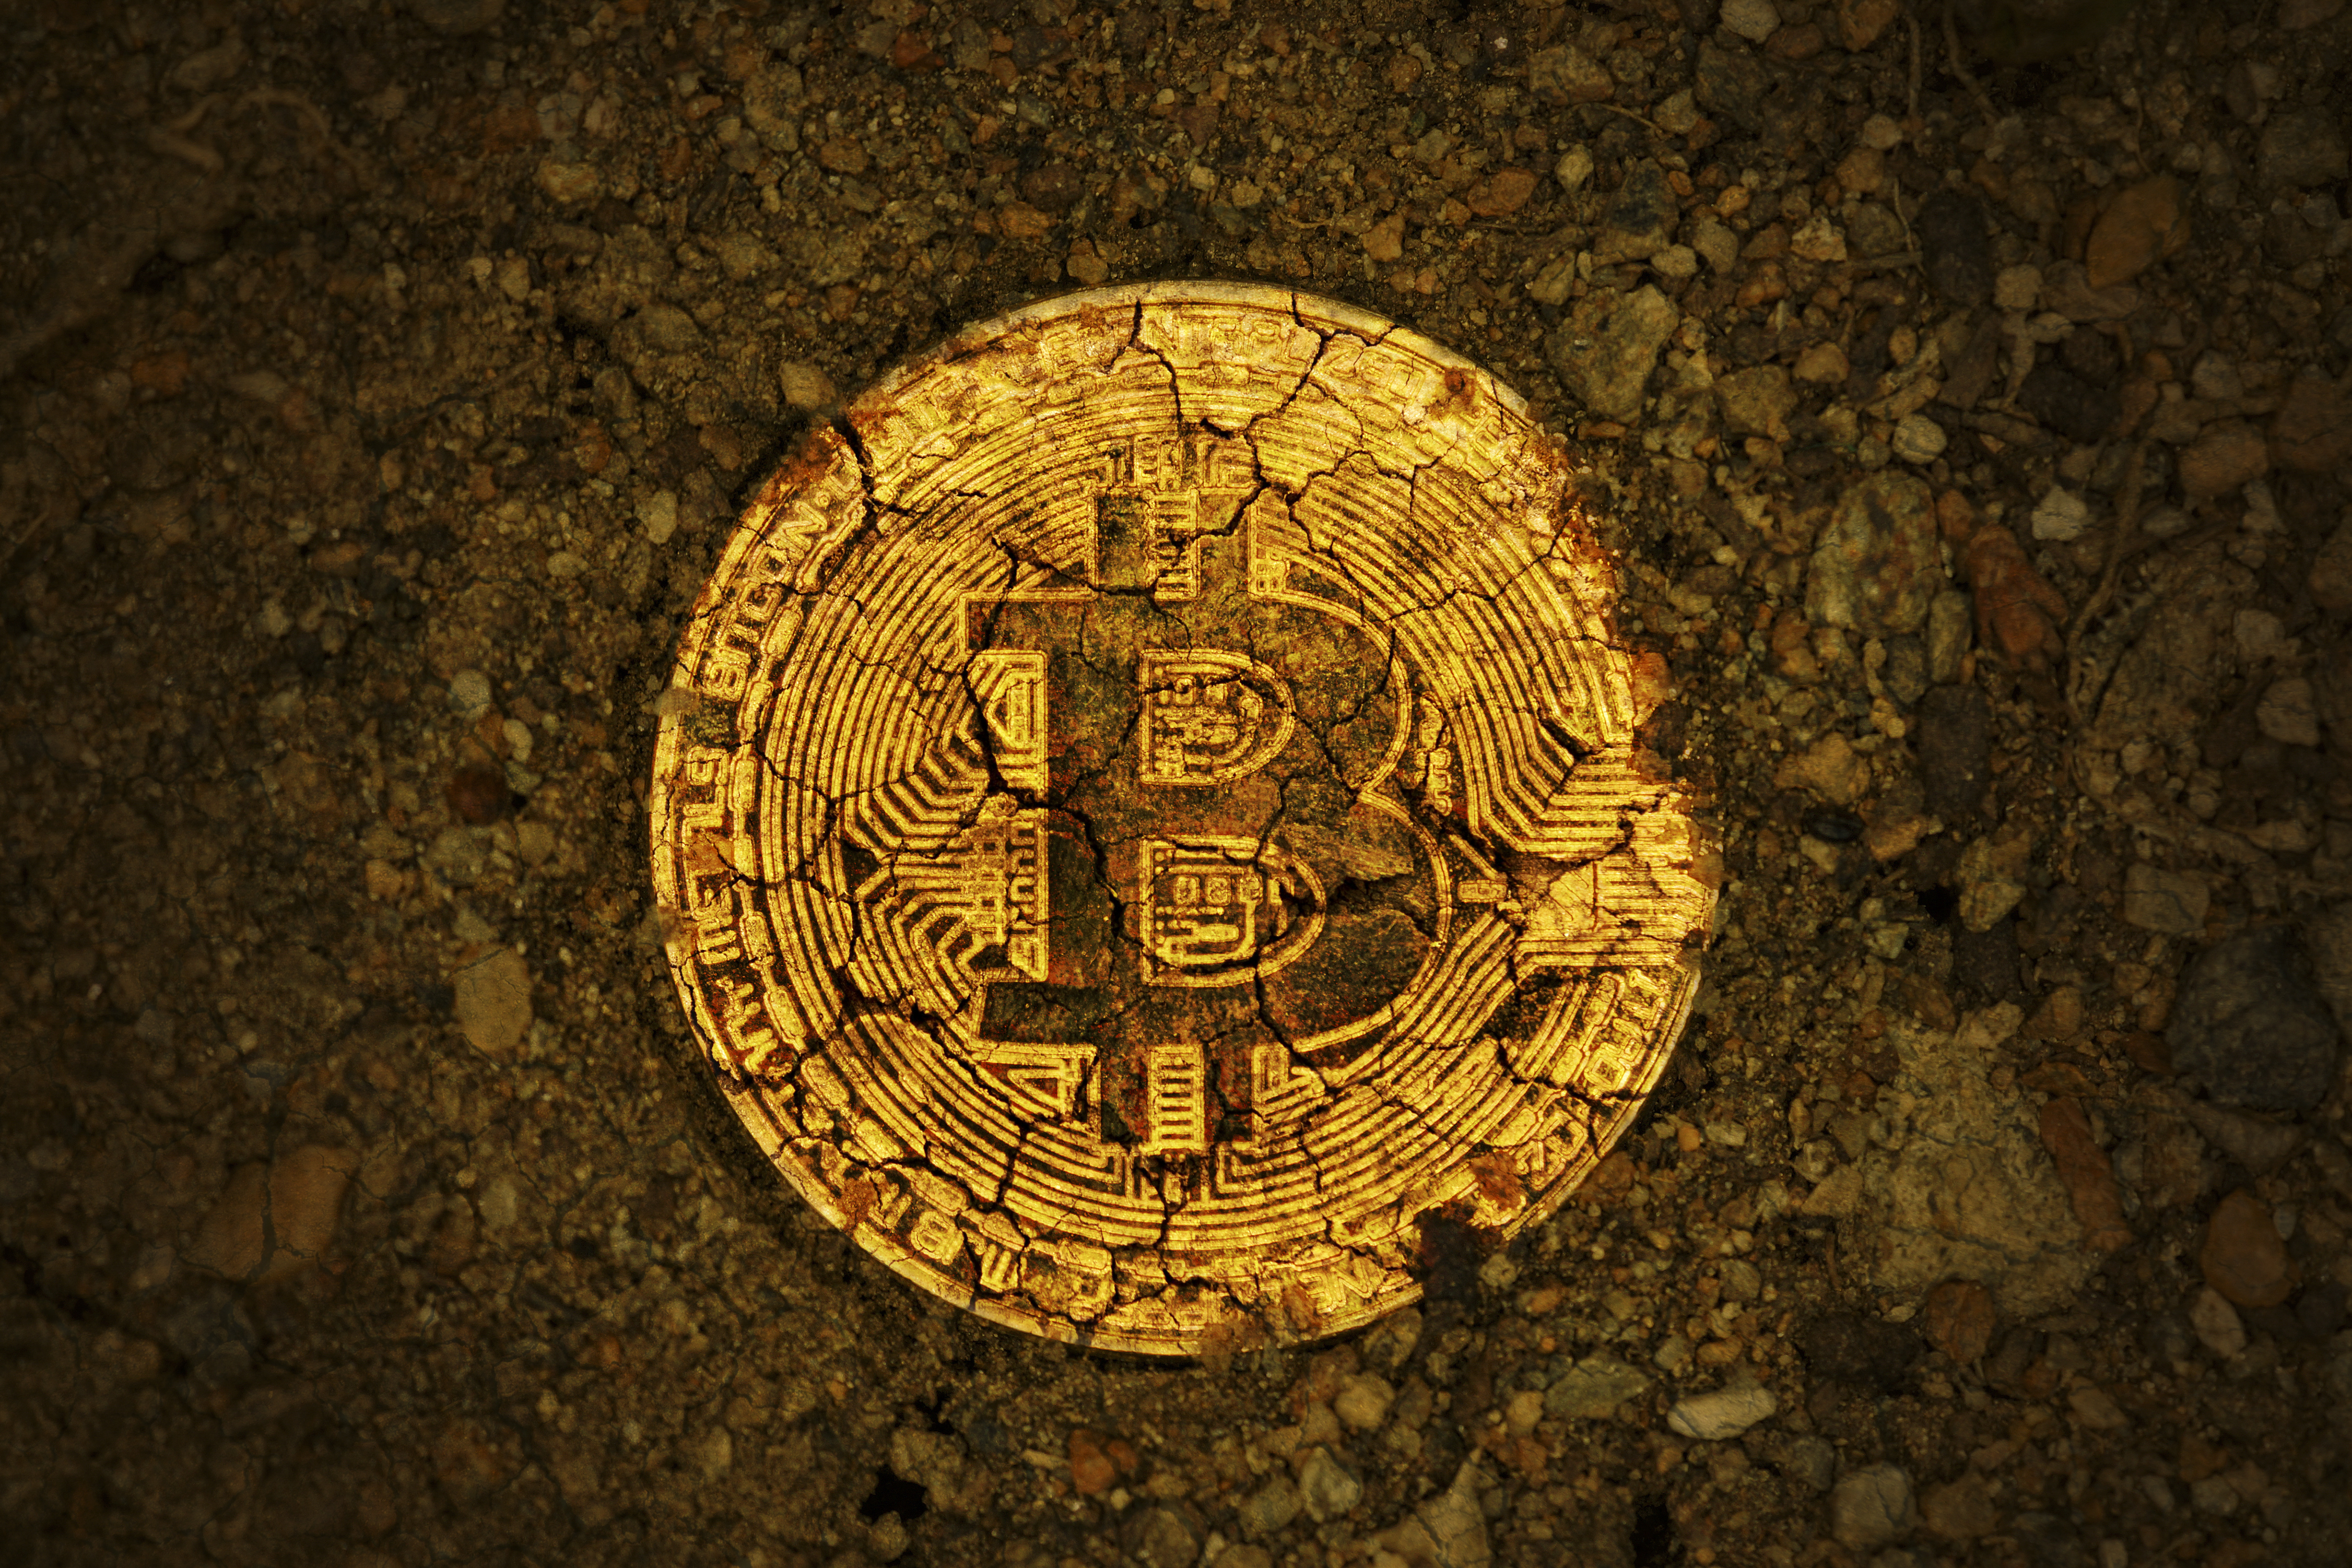 ビットコインバブルが起こった背景